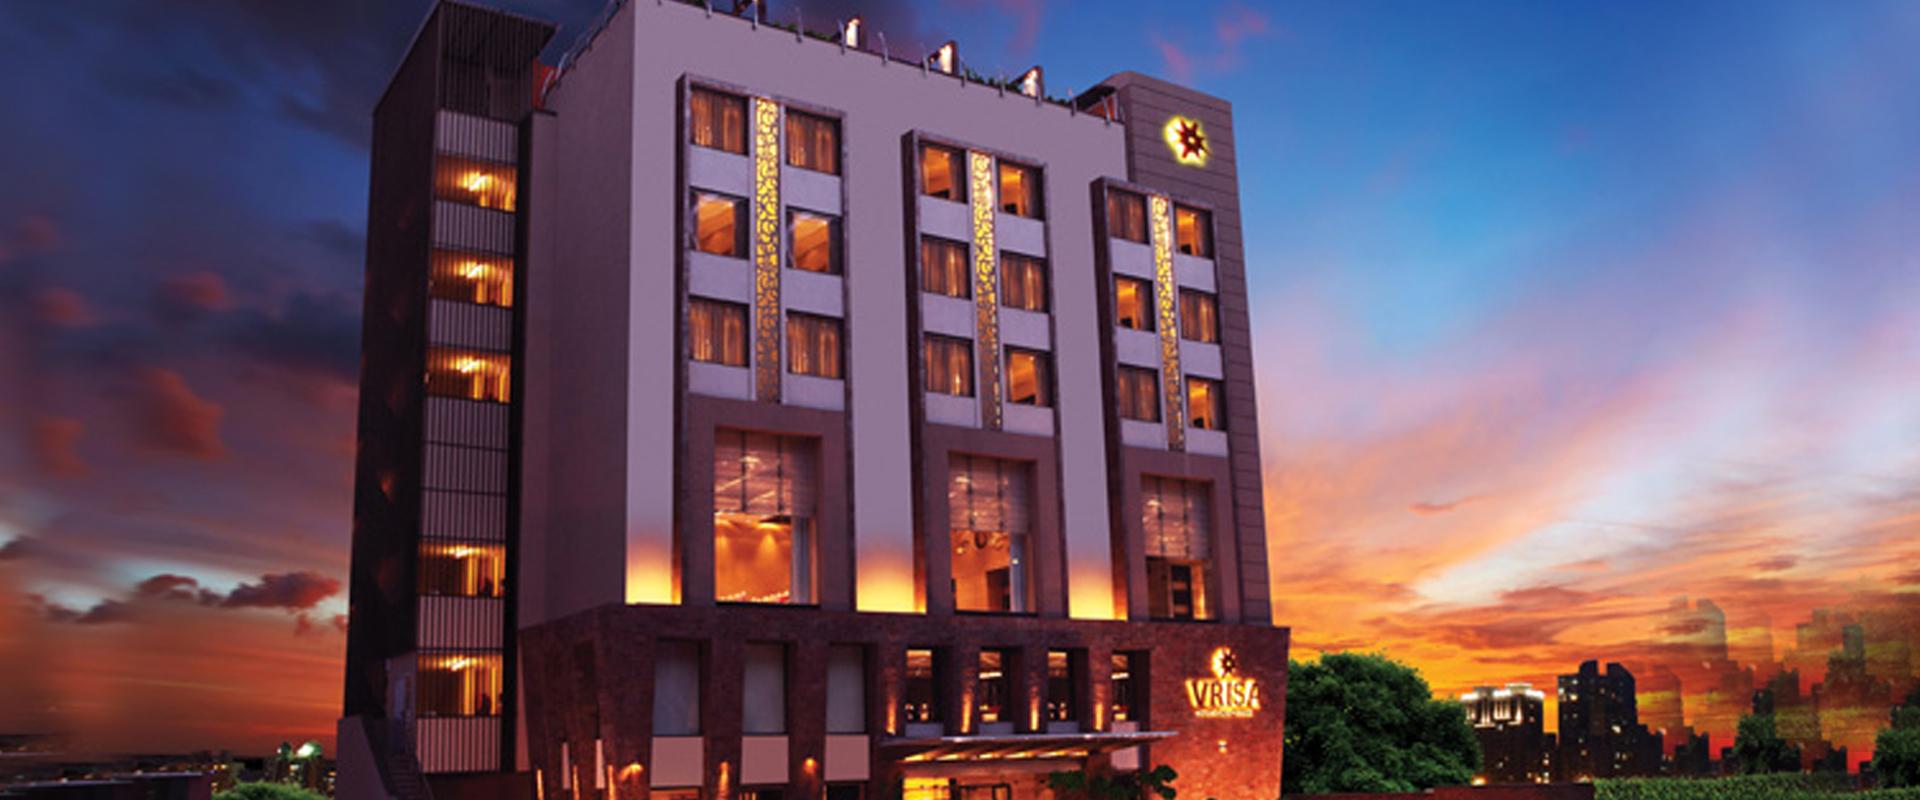 Reasonable Hotel Near Jaipur Airport Budget Three Star Hotel Jaipur